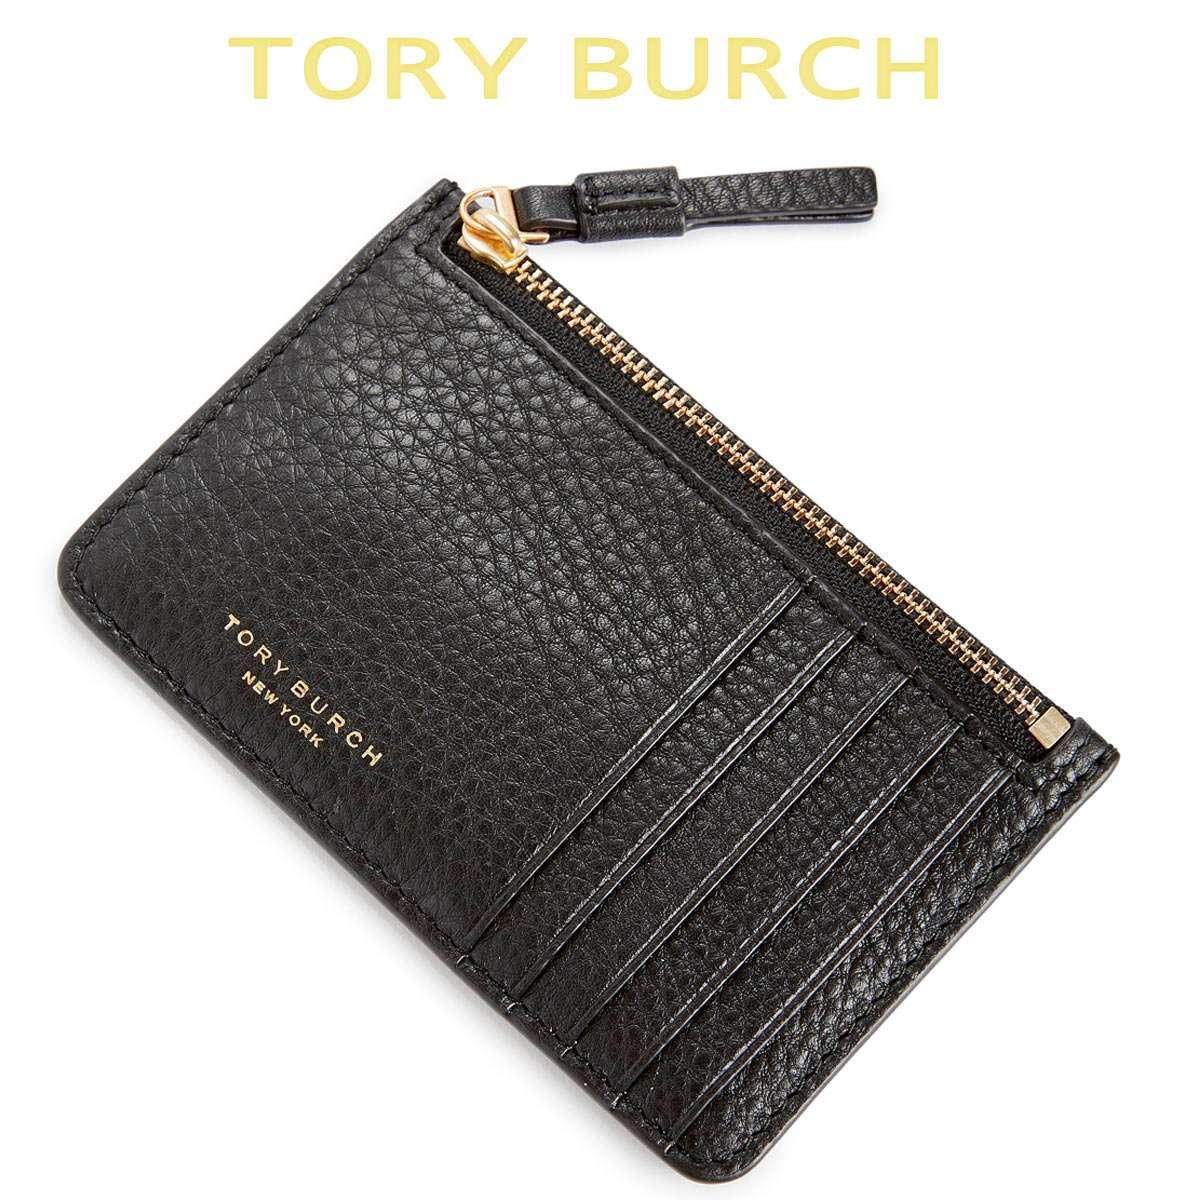 トリーバーチ,Tory Burch,カードケース,コインケース,スリム